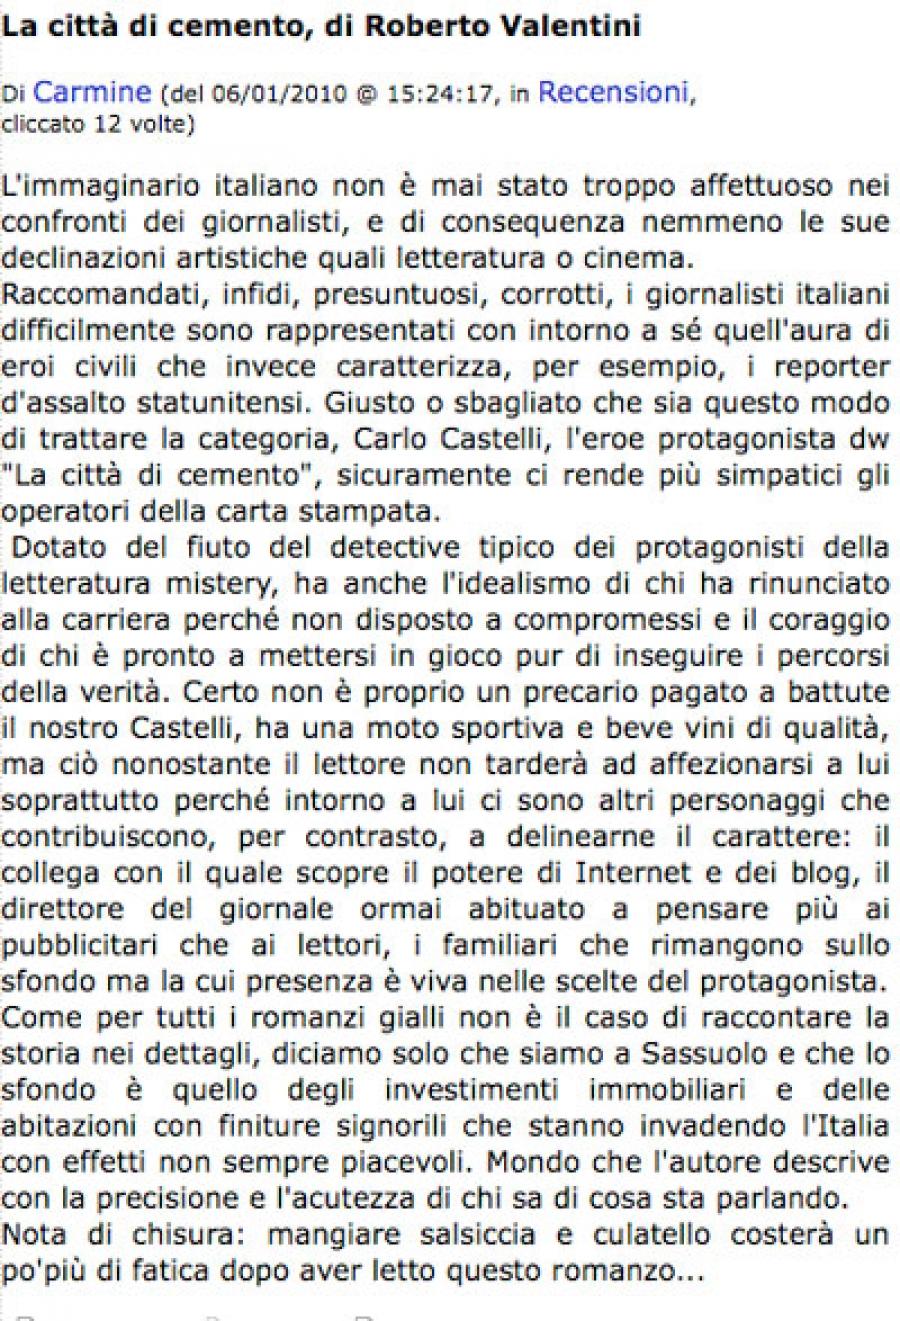 """Carmine Caputo, 6 gennaio 2010, su """"La città di cemento"""""""